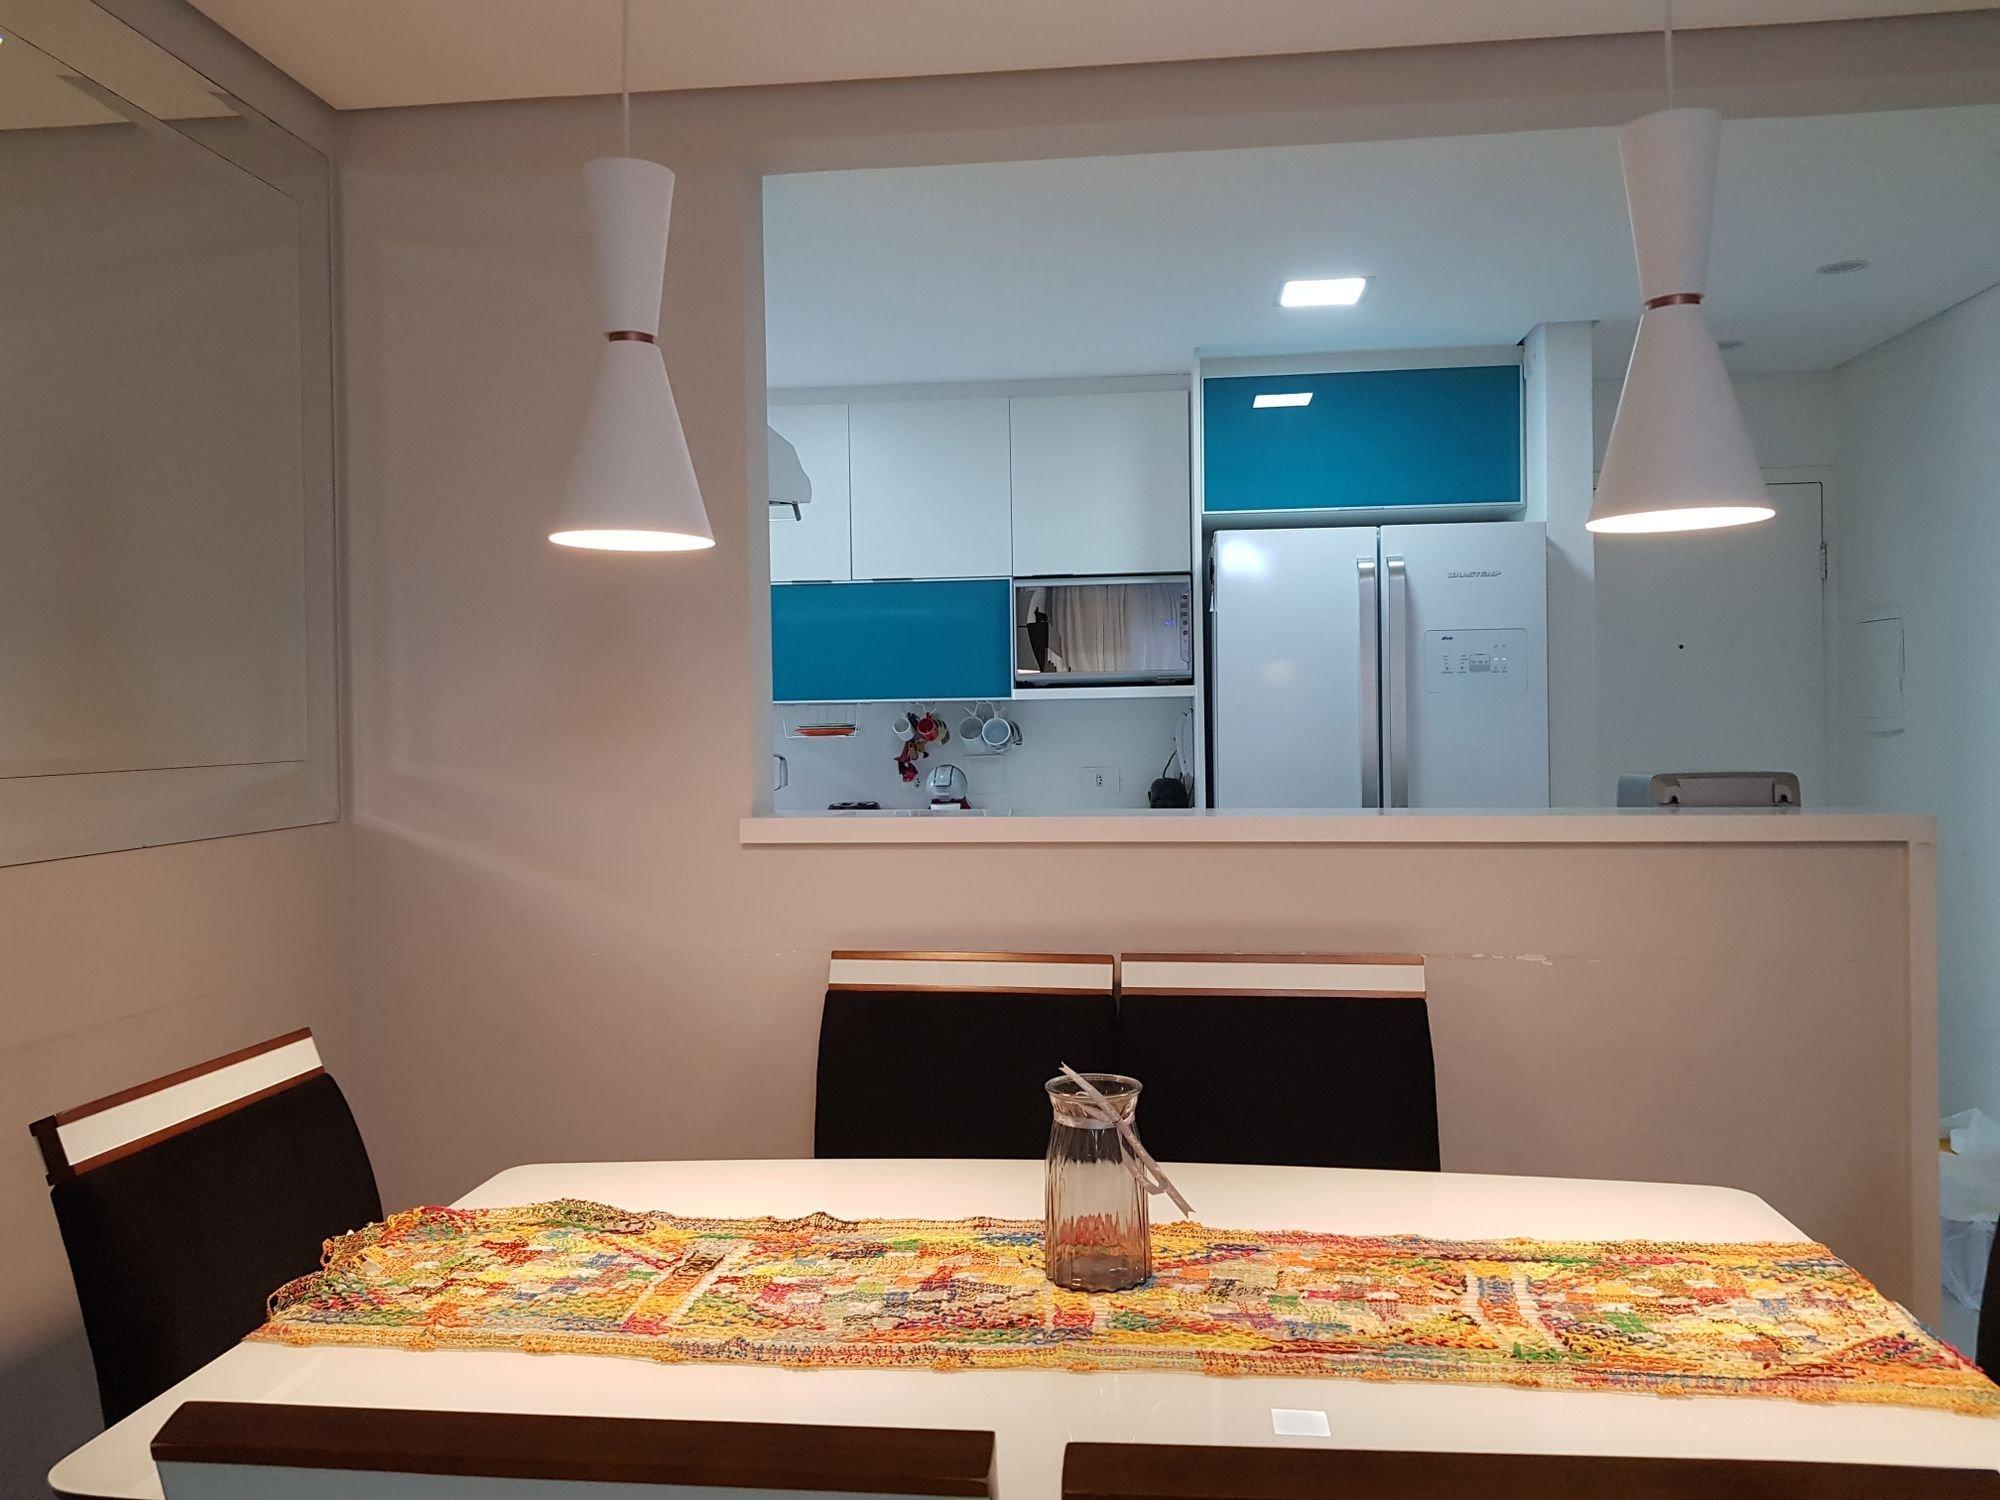 Foto de Quarto com garrafa, geladeira, microondas, mesa de jantar